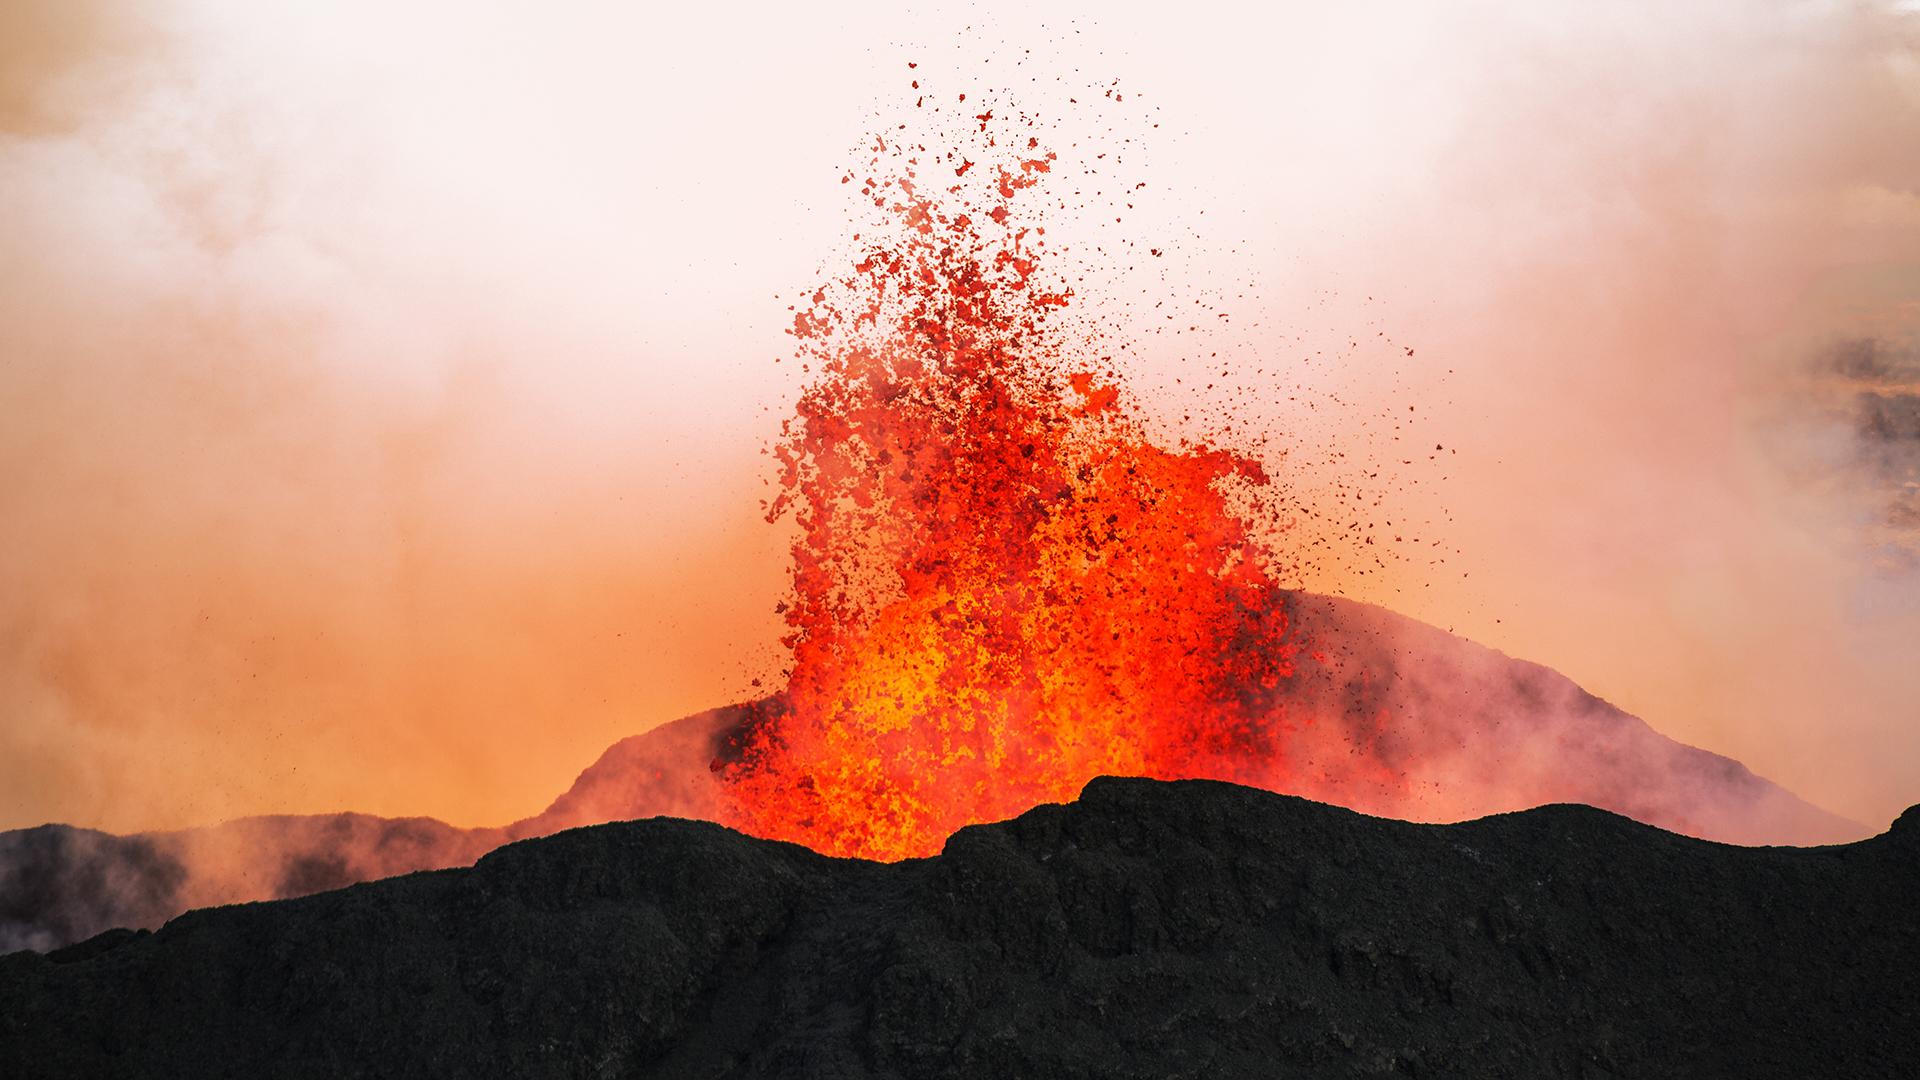 Közel fél kilométer magasra lövellt ki a láva egy izlandi vulkán kürtőjéből